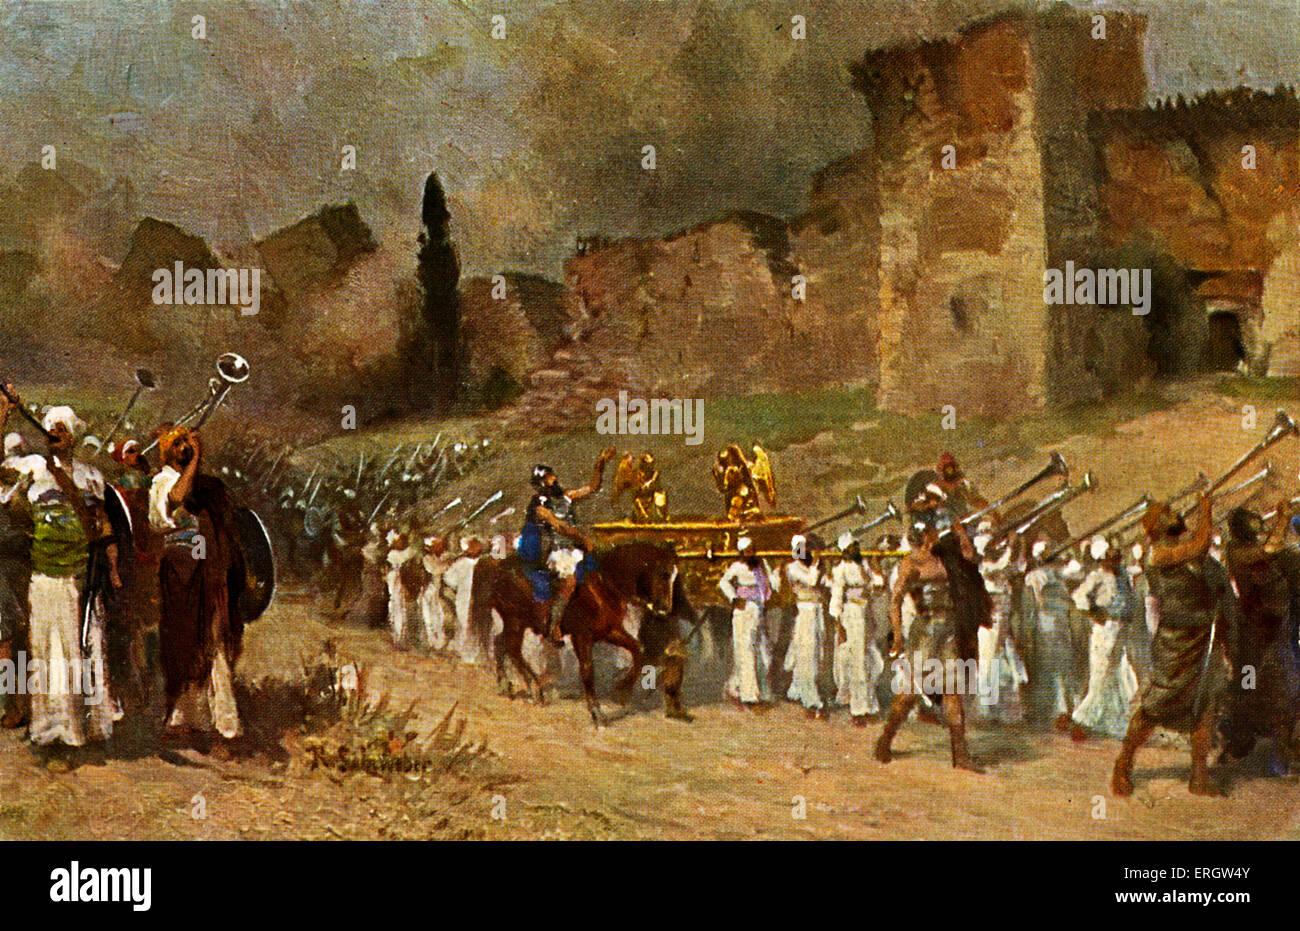 La destrucción de las murallas de Jericó - (L'Histoire Sainte). El ...